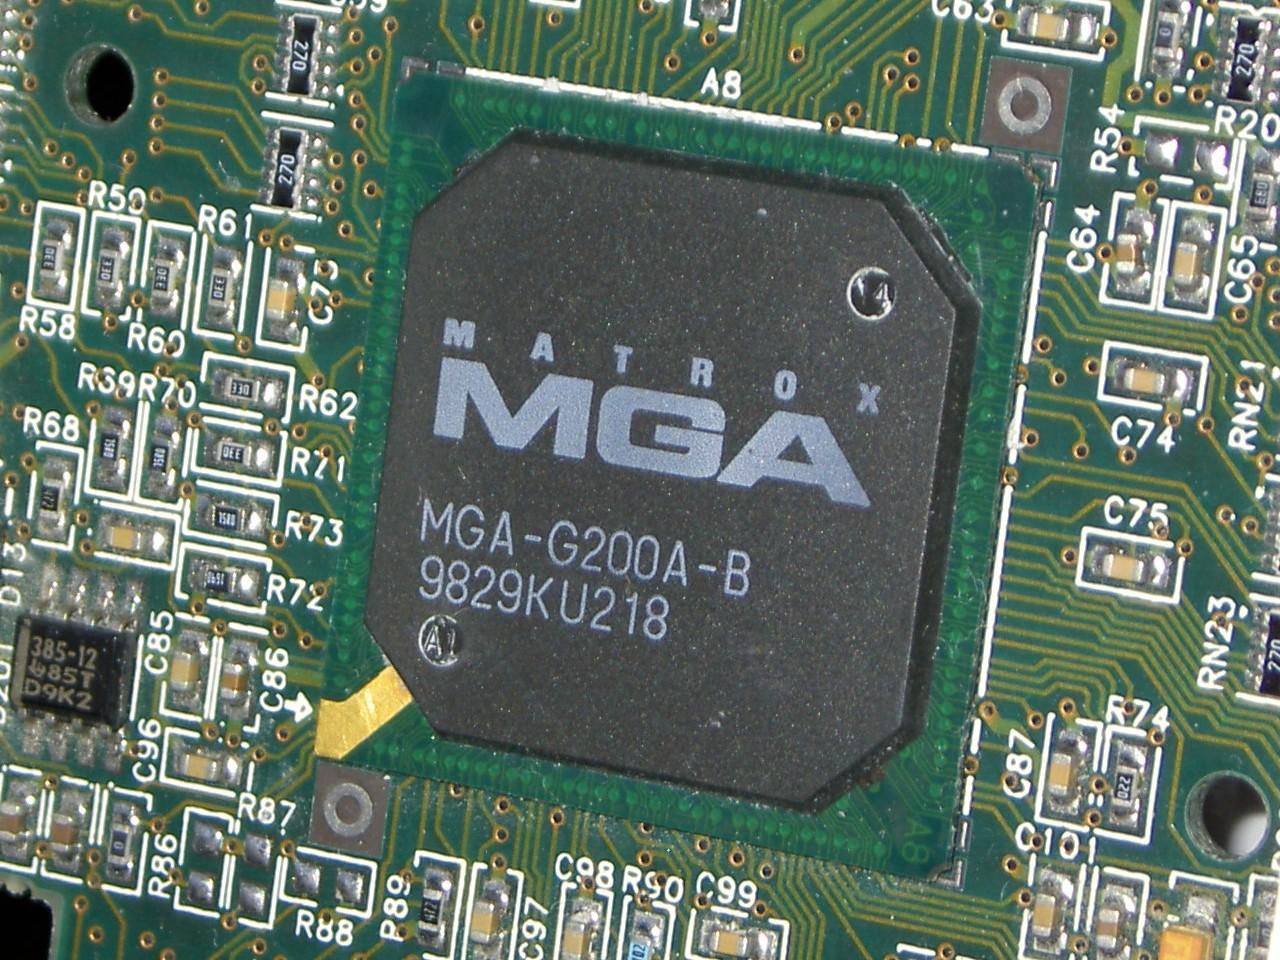 MGA G200EW WPCM450 DRIVER WINDOWS